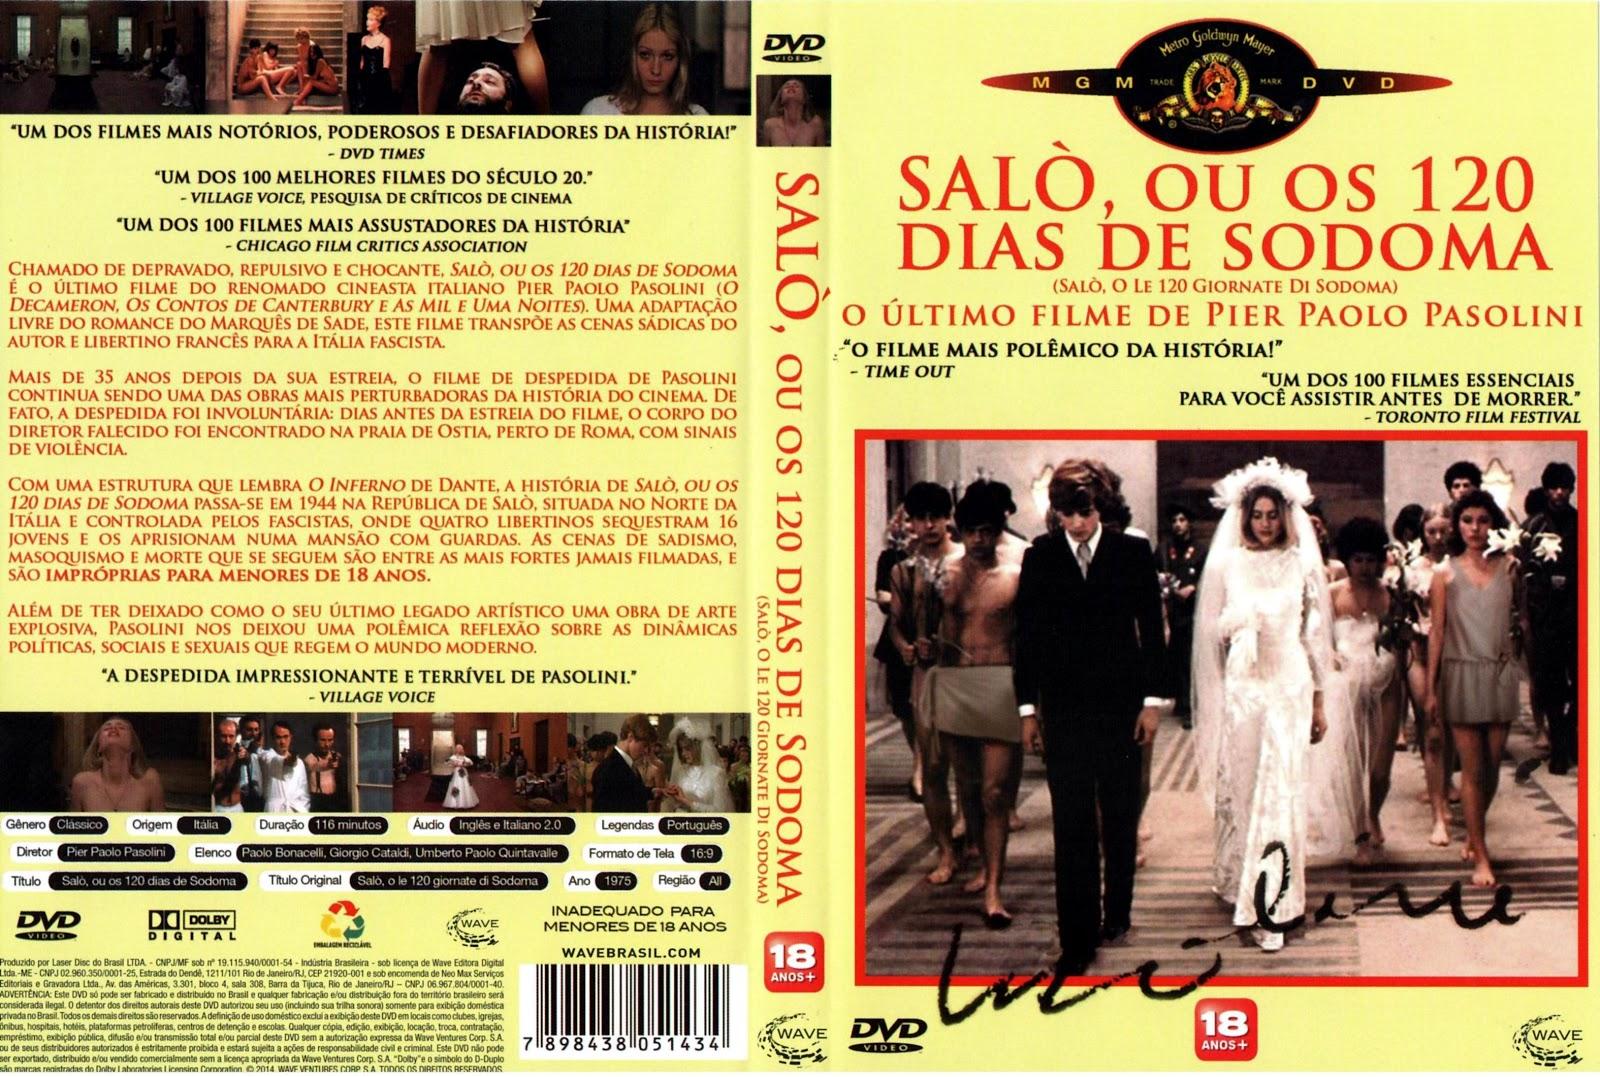 Capa DVD Salò ou os 120 Dias De Sodoma